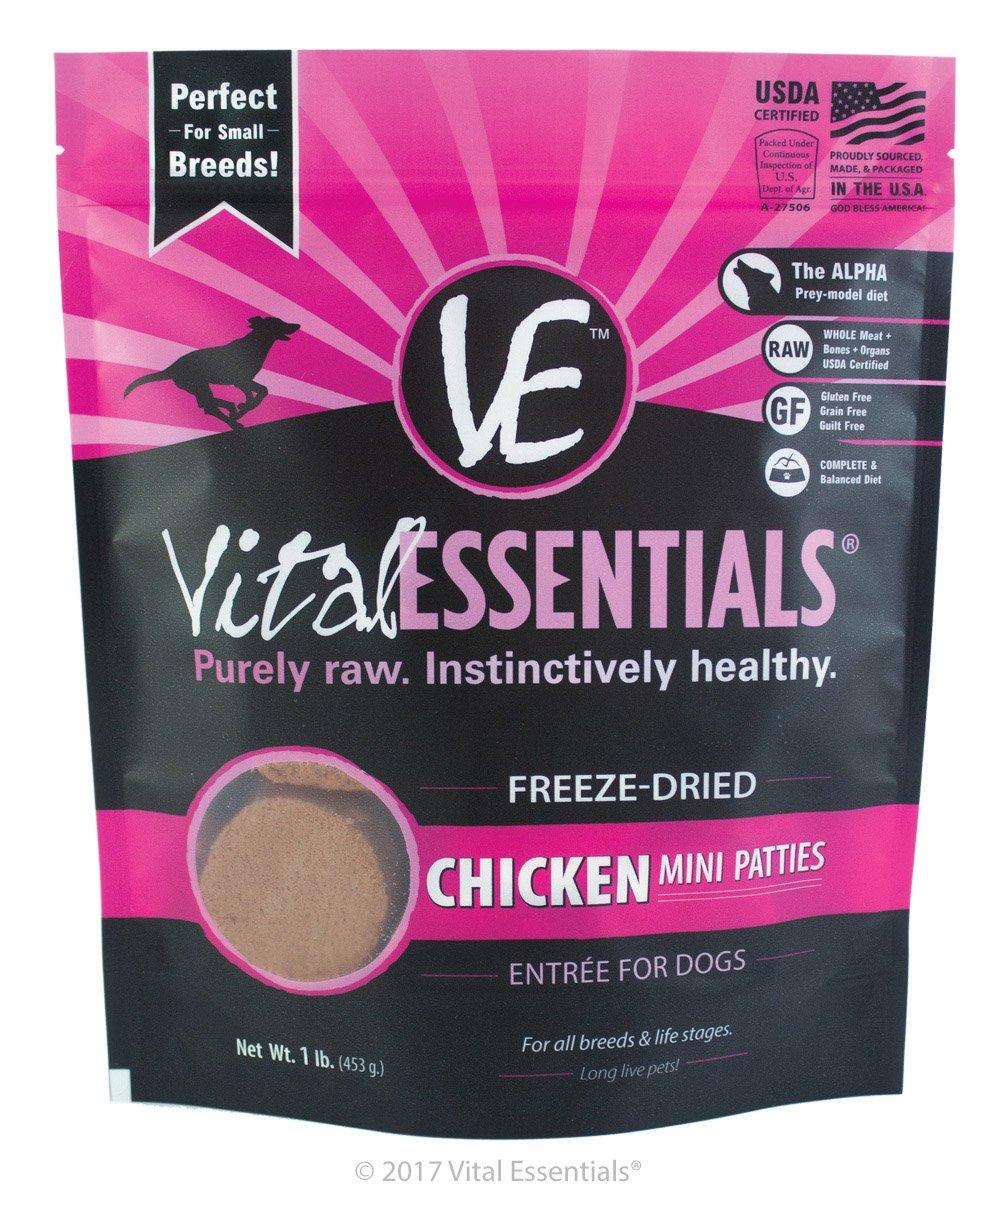 Vital Essentials 3897 FreezeDried Chicken Mini Patties Grain Free Limited Ingredient Dog, 1lb